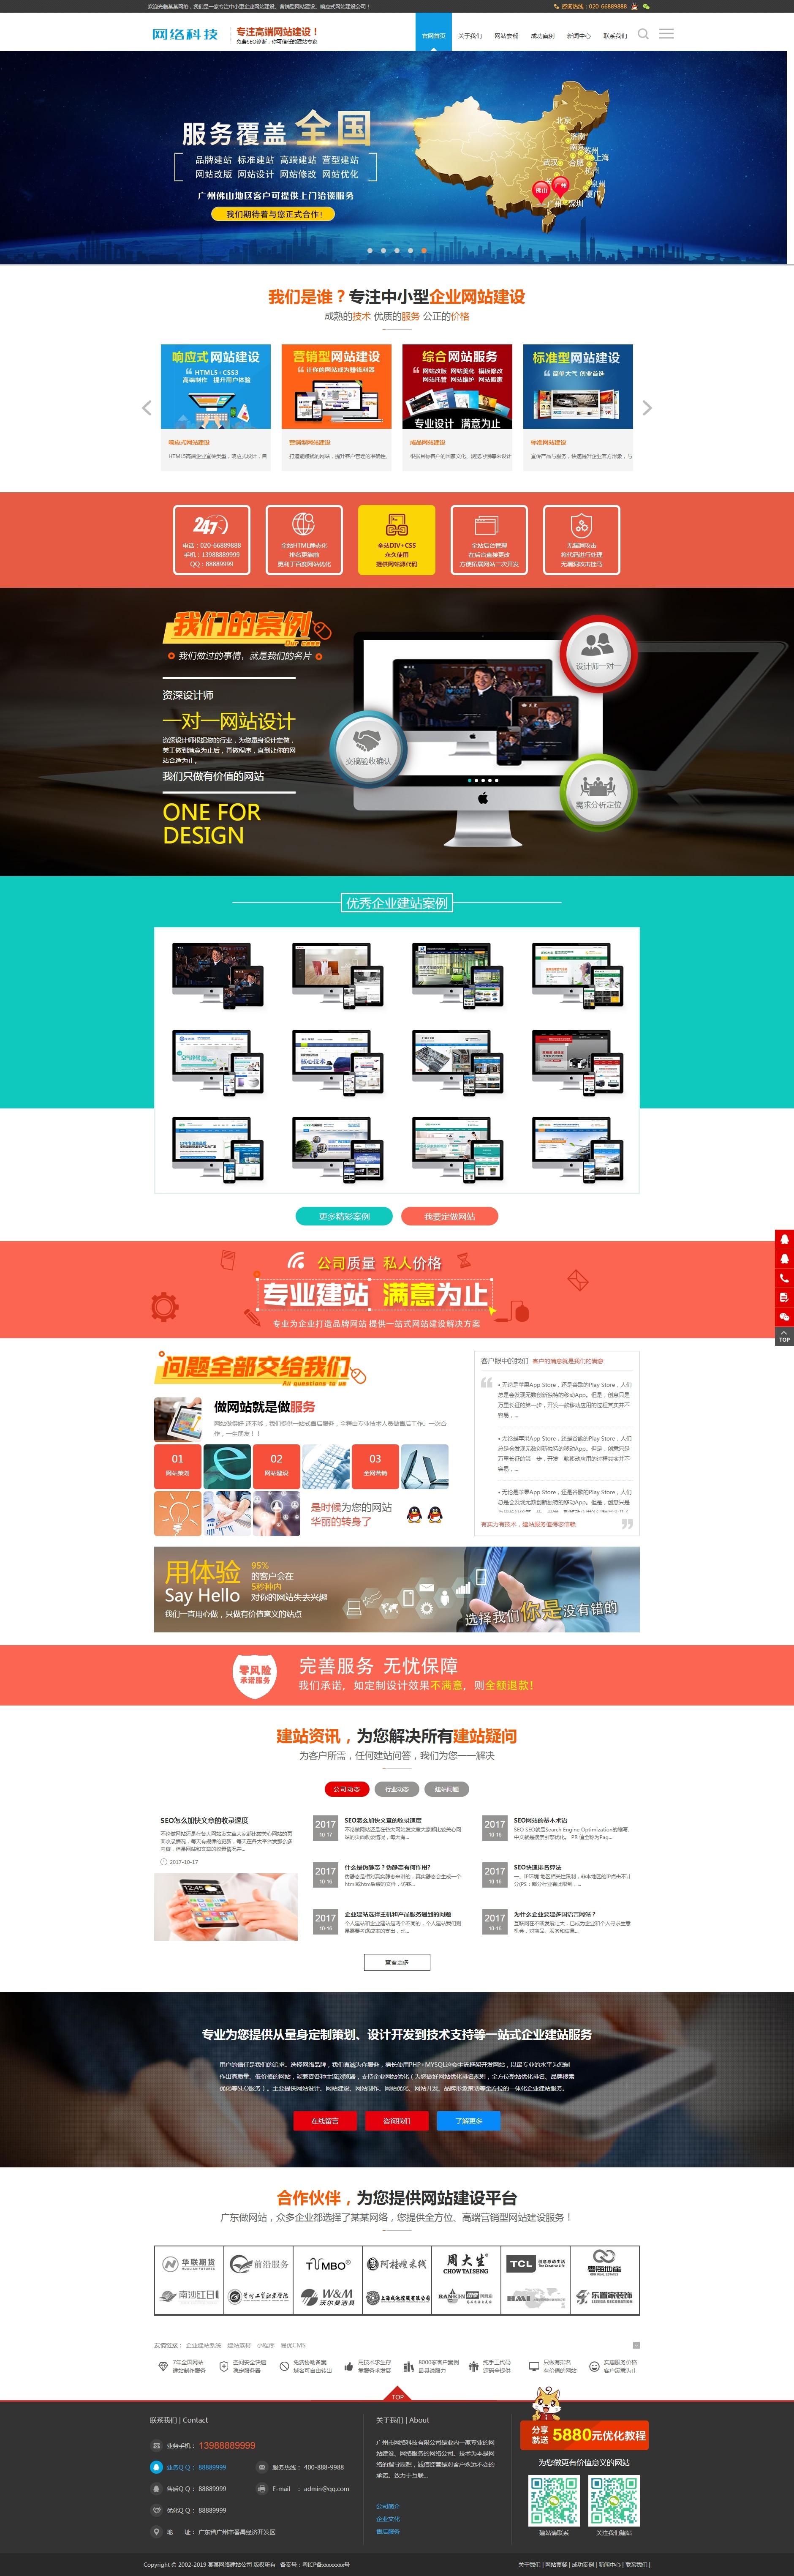 网站建设行业模板